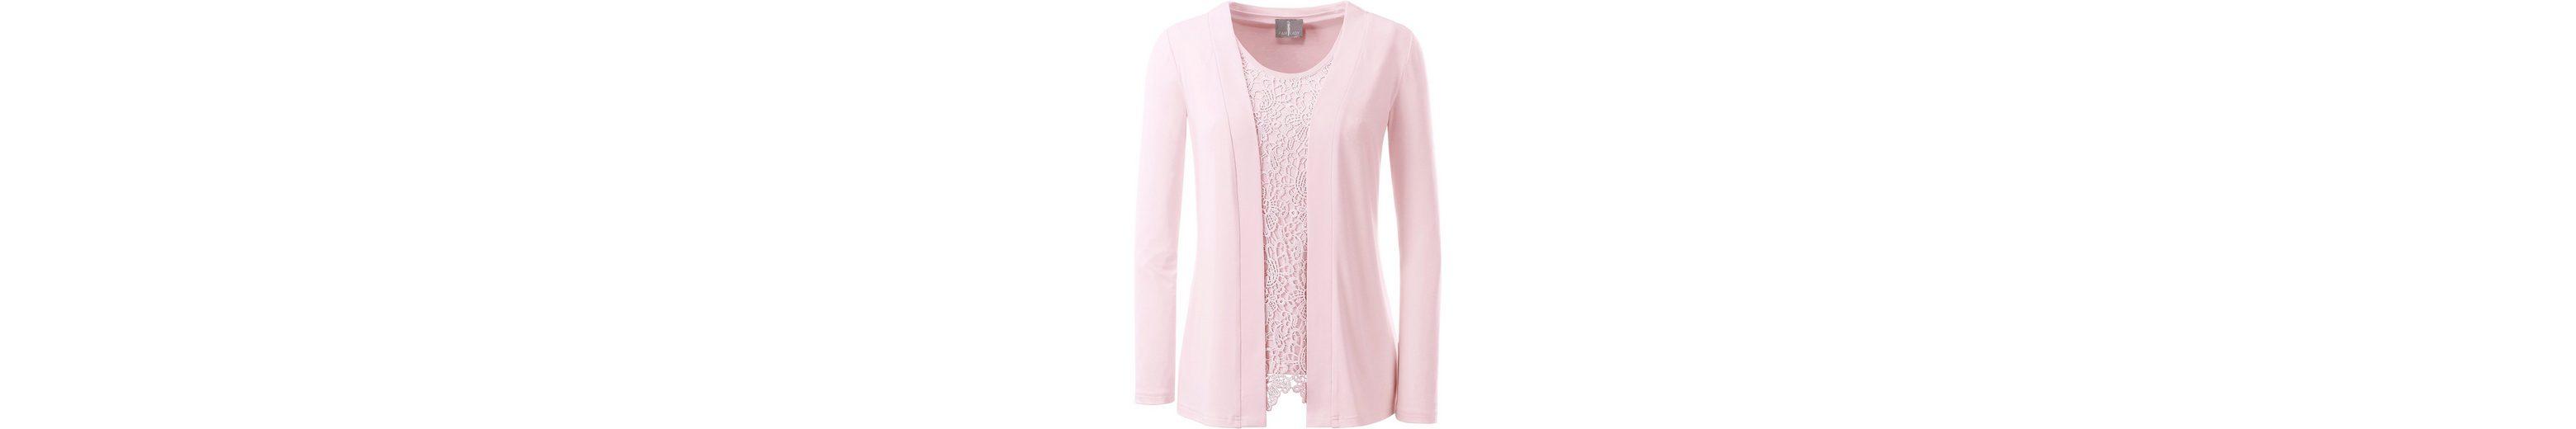 Lady Shirtjacke mit breiter Blende  Wie Viel Mit Paypal Online-Shopping-Spielraum 100% Original Billig Verkauf 100% Original 9Mbo0oA